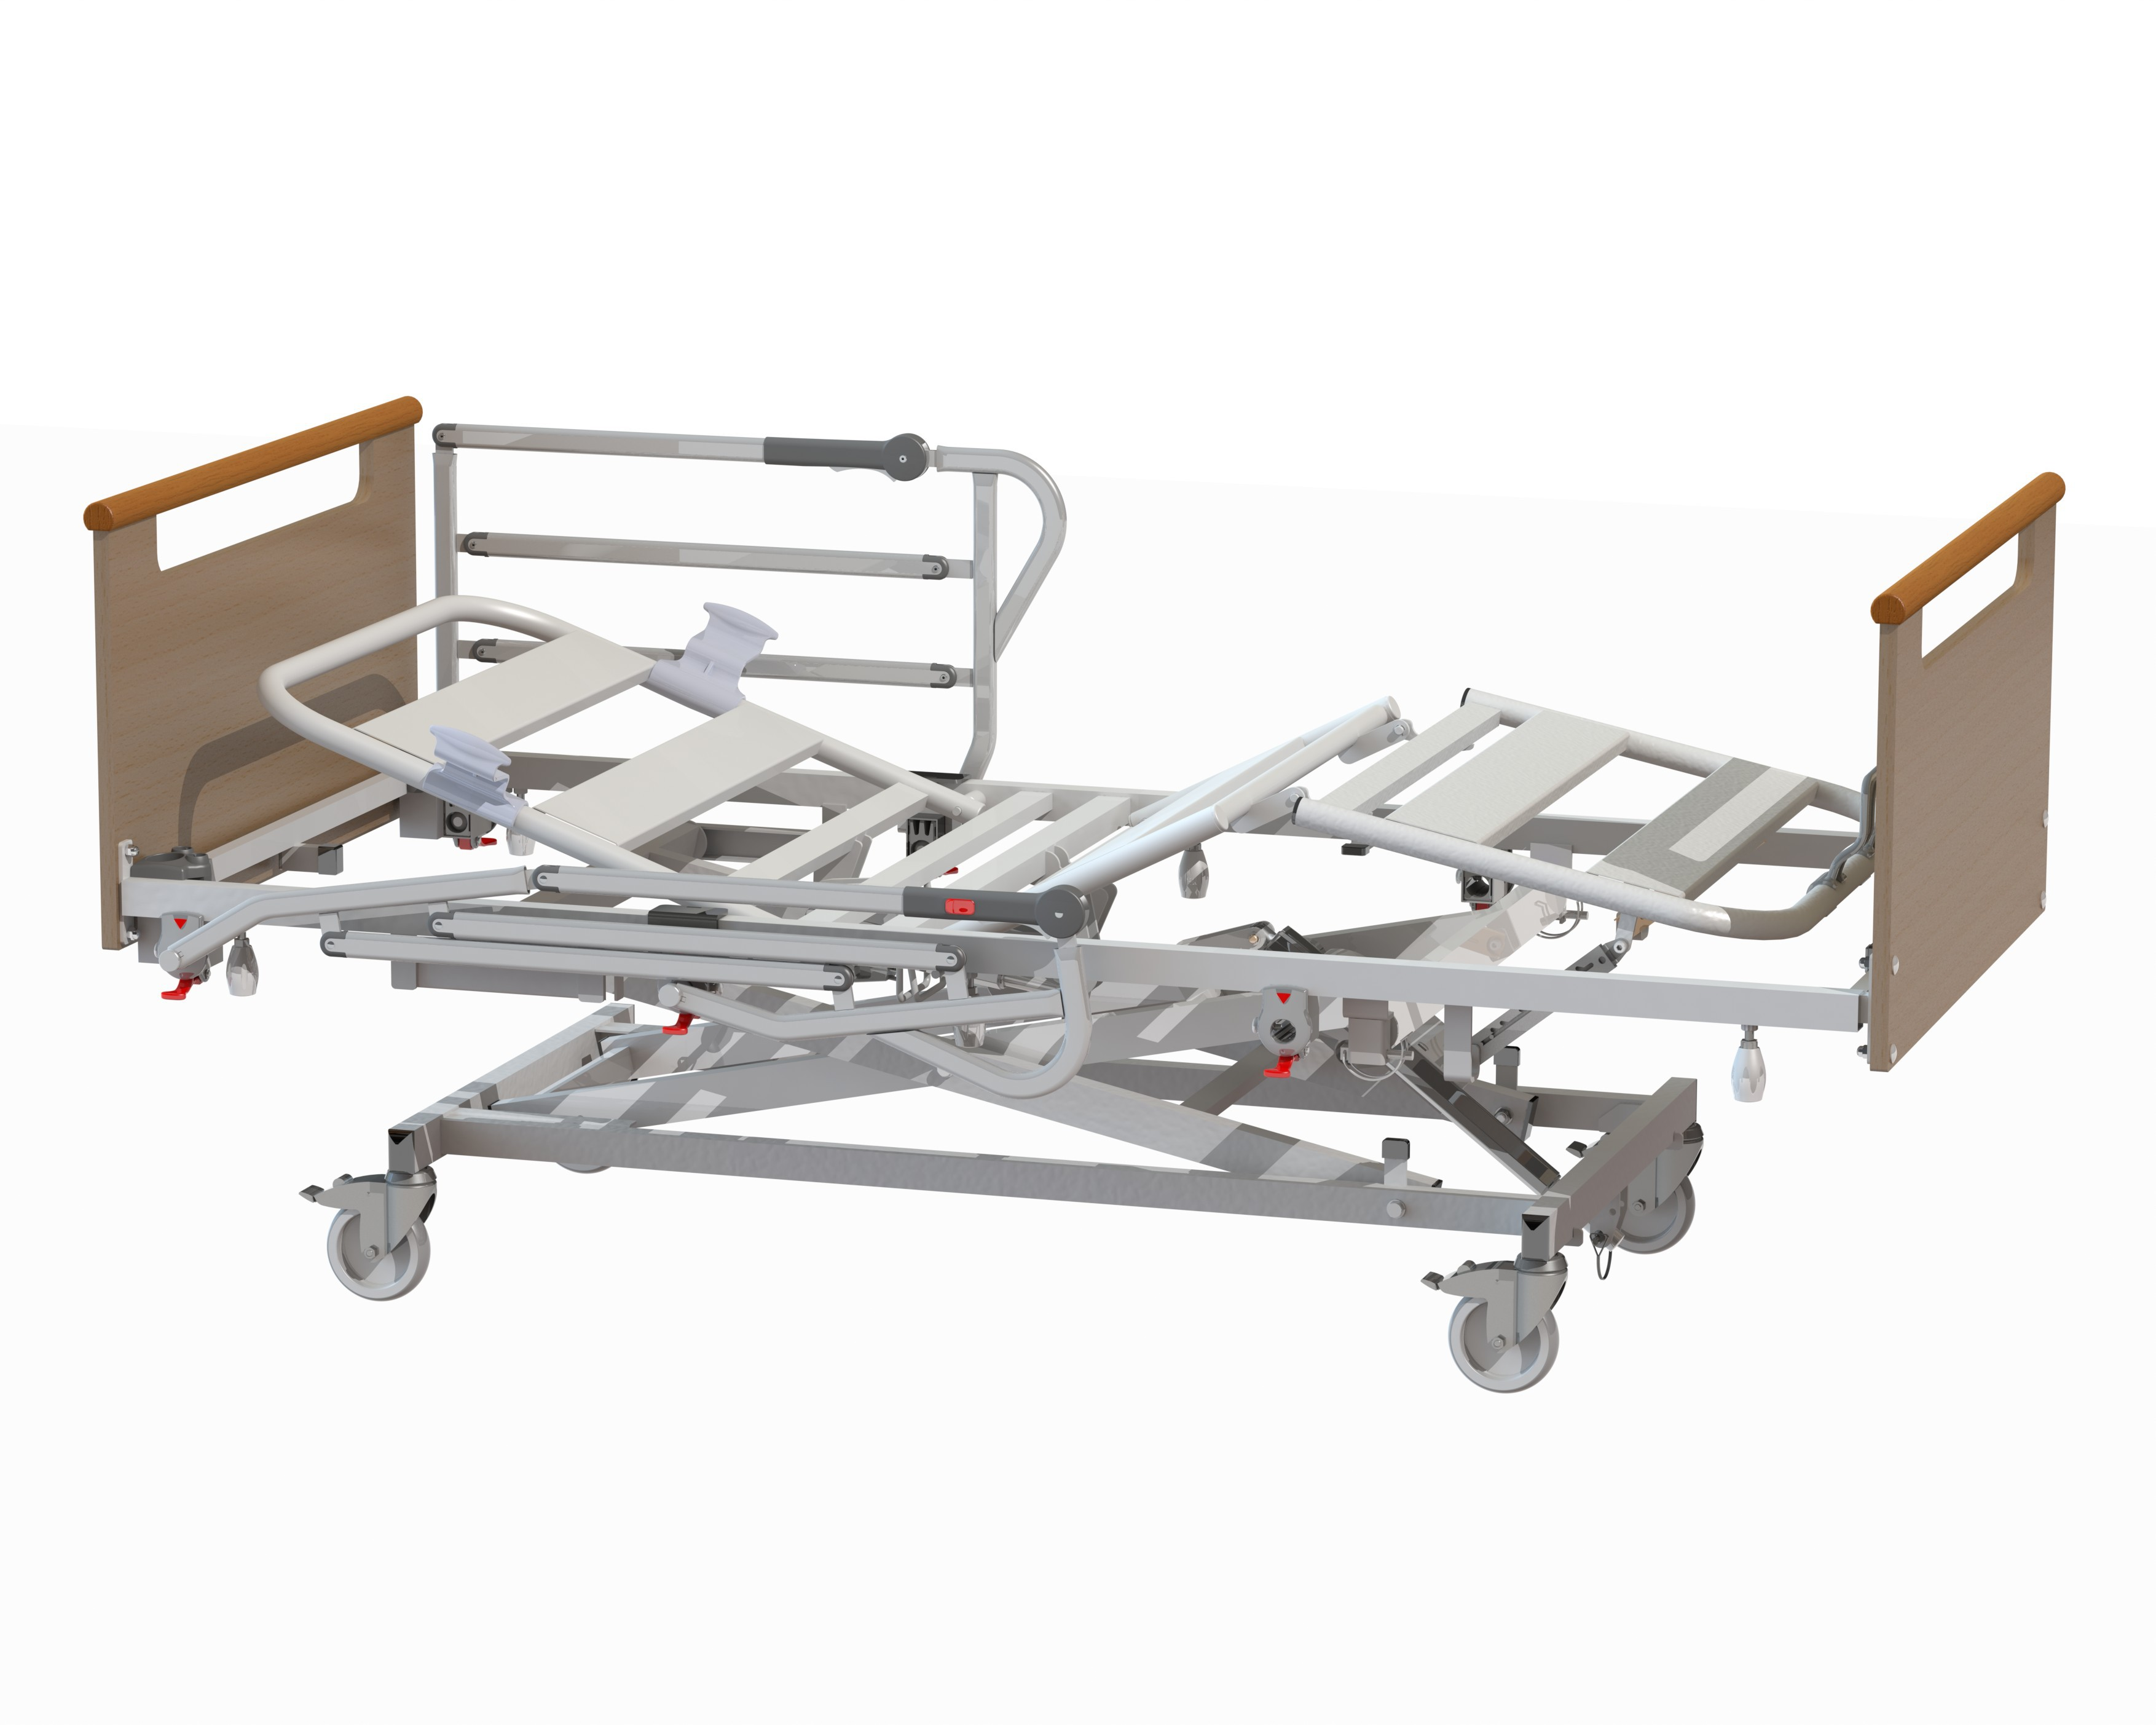 aides techniques accessoires collectivit s de sant ehpad collections sotec. Black Bedroom Furniture Sets. Home Design Ideas